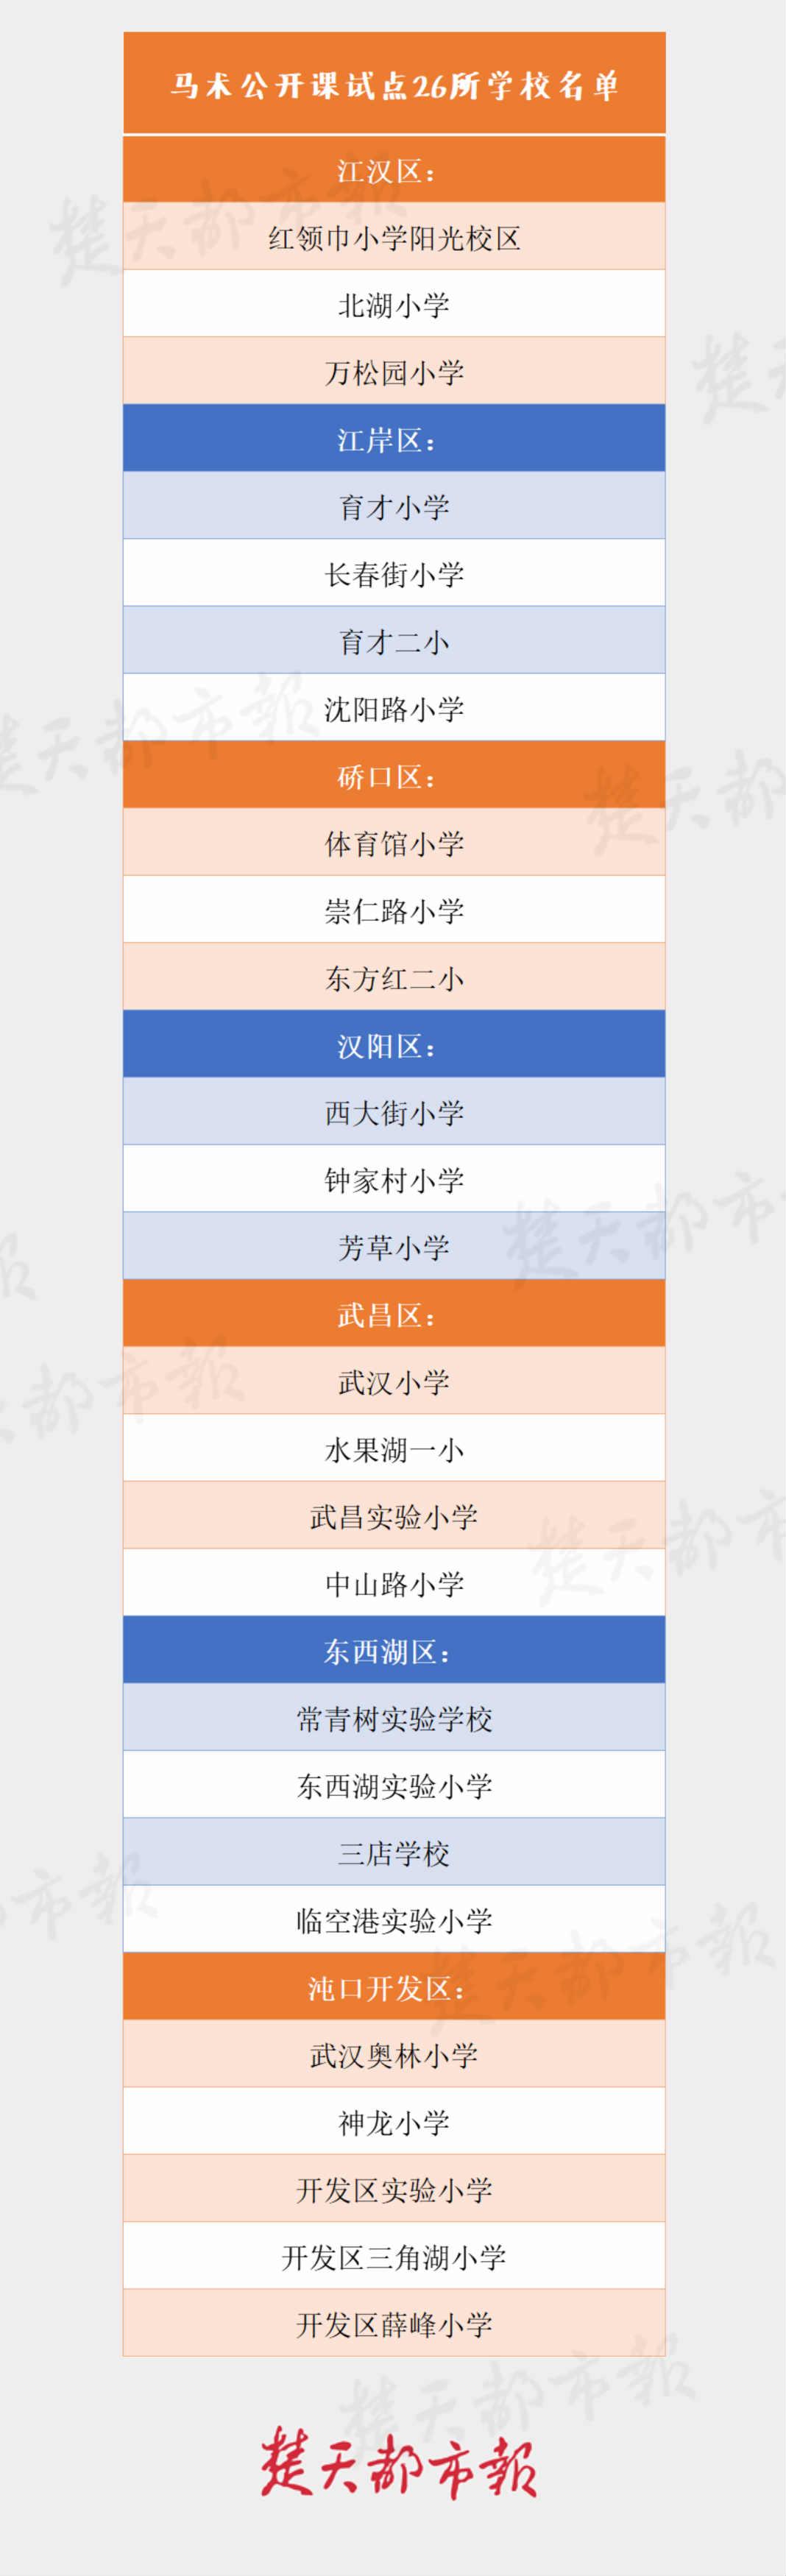 马术运动将正式进入武汉校园,原定22所小学试点再增4所